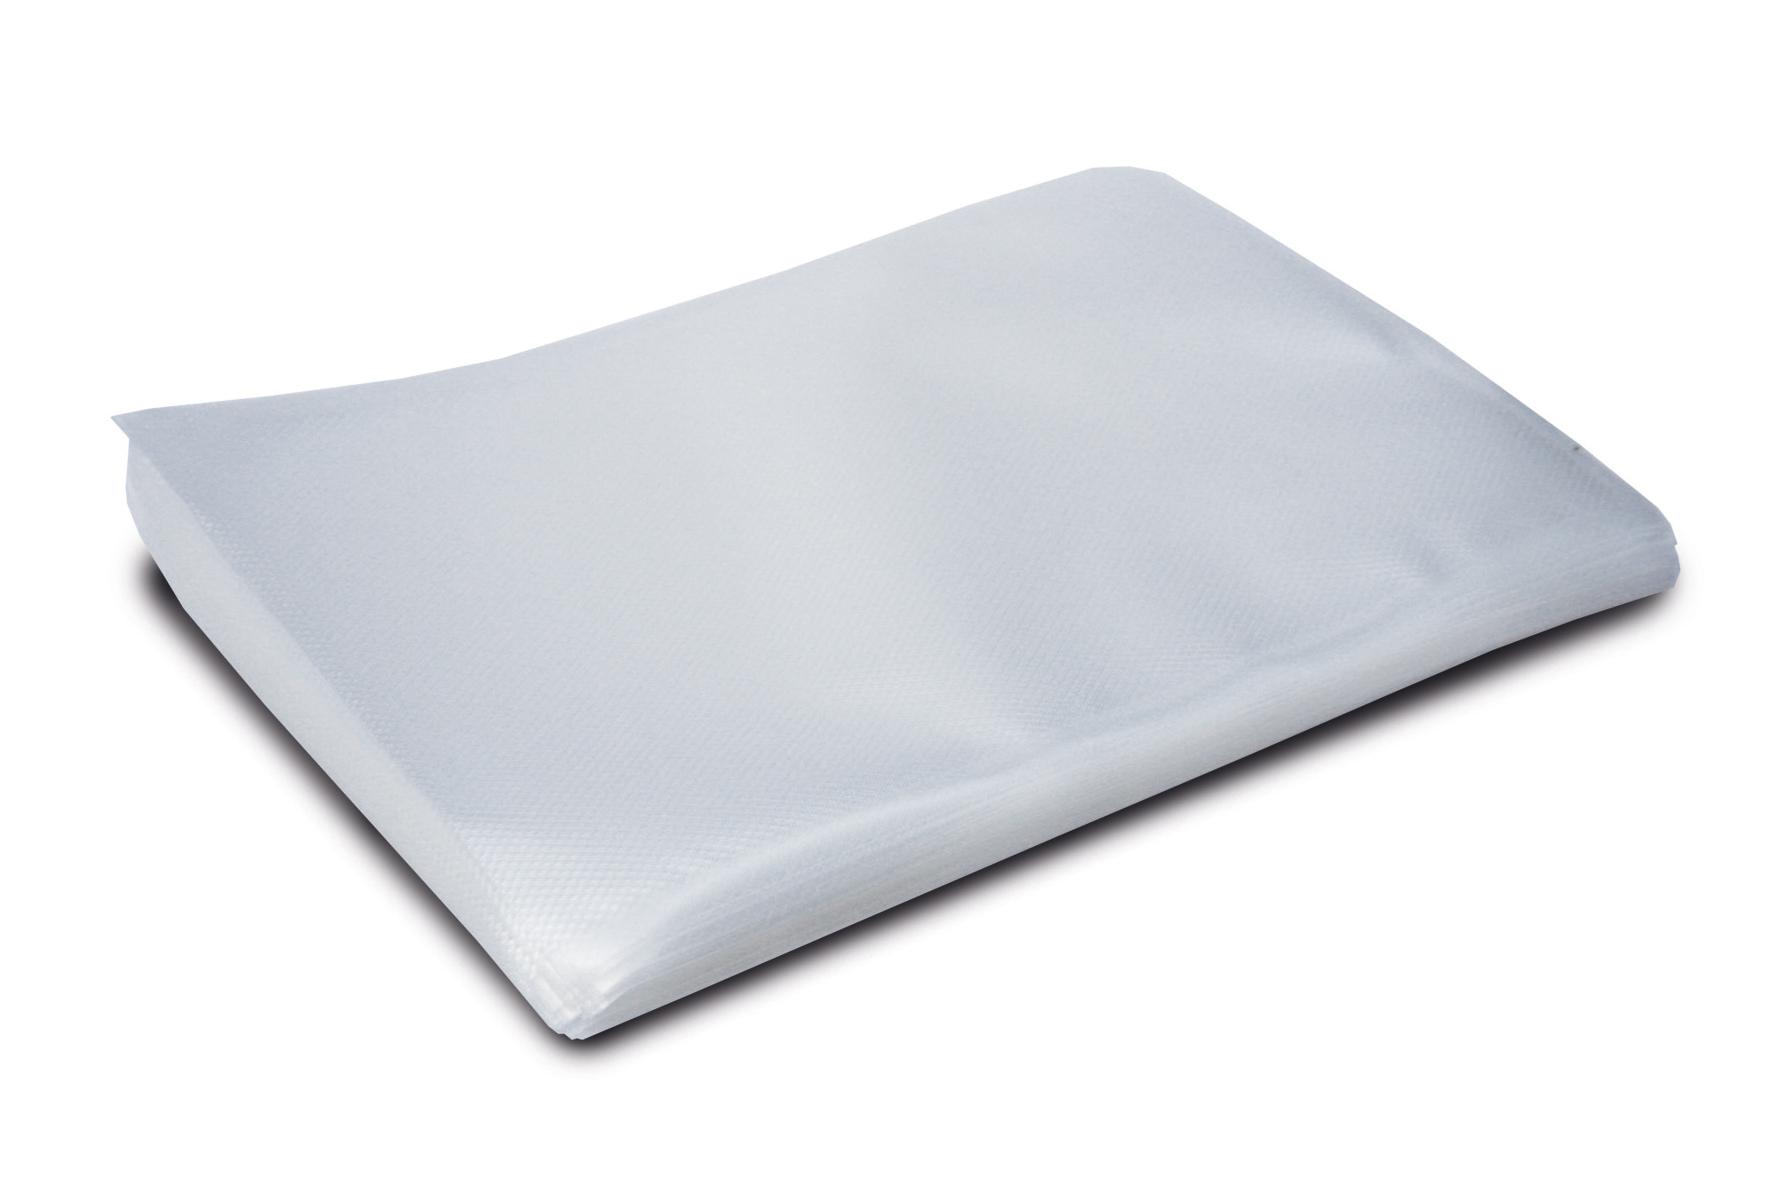 achetez le 50 films plastique 30x40 cm pour appareil de mise sous vide caso en ligne sur. Black Bedroom Furniture Sets. Home Design Ideas